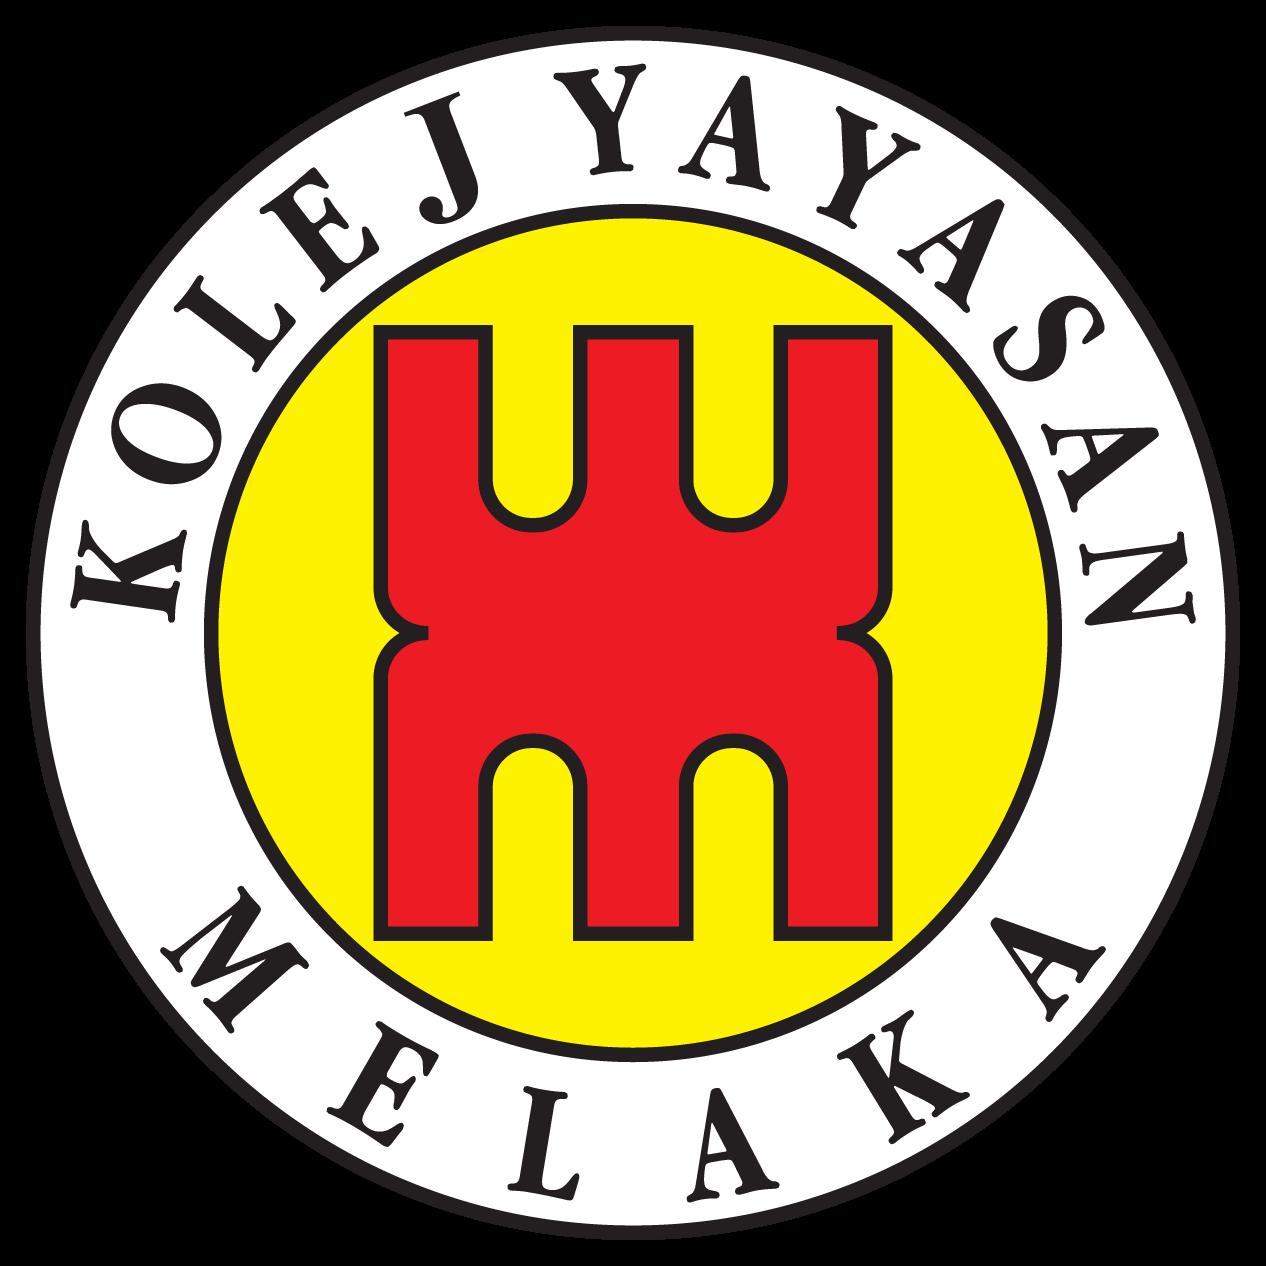 Jawatan Kosong Kolej Yayasan Melaka - KYM